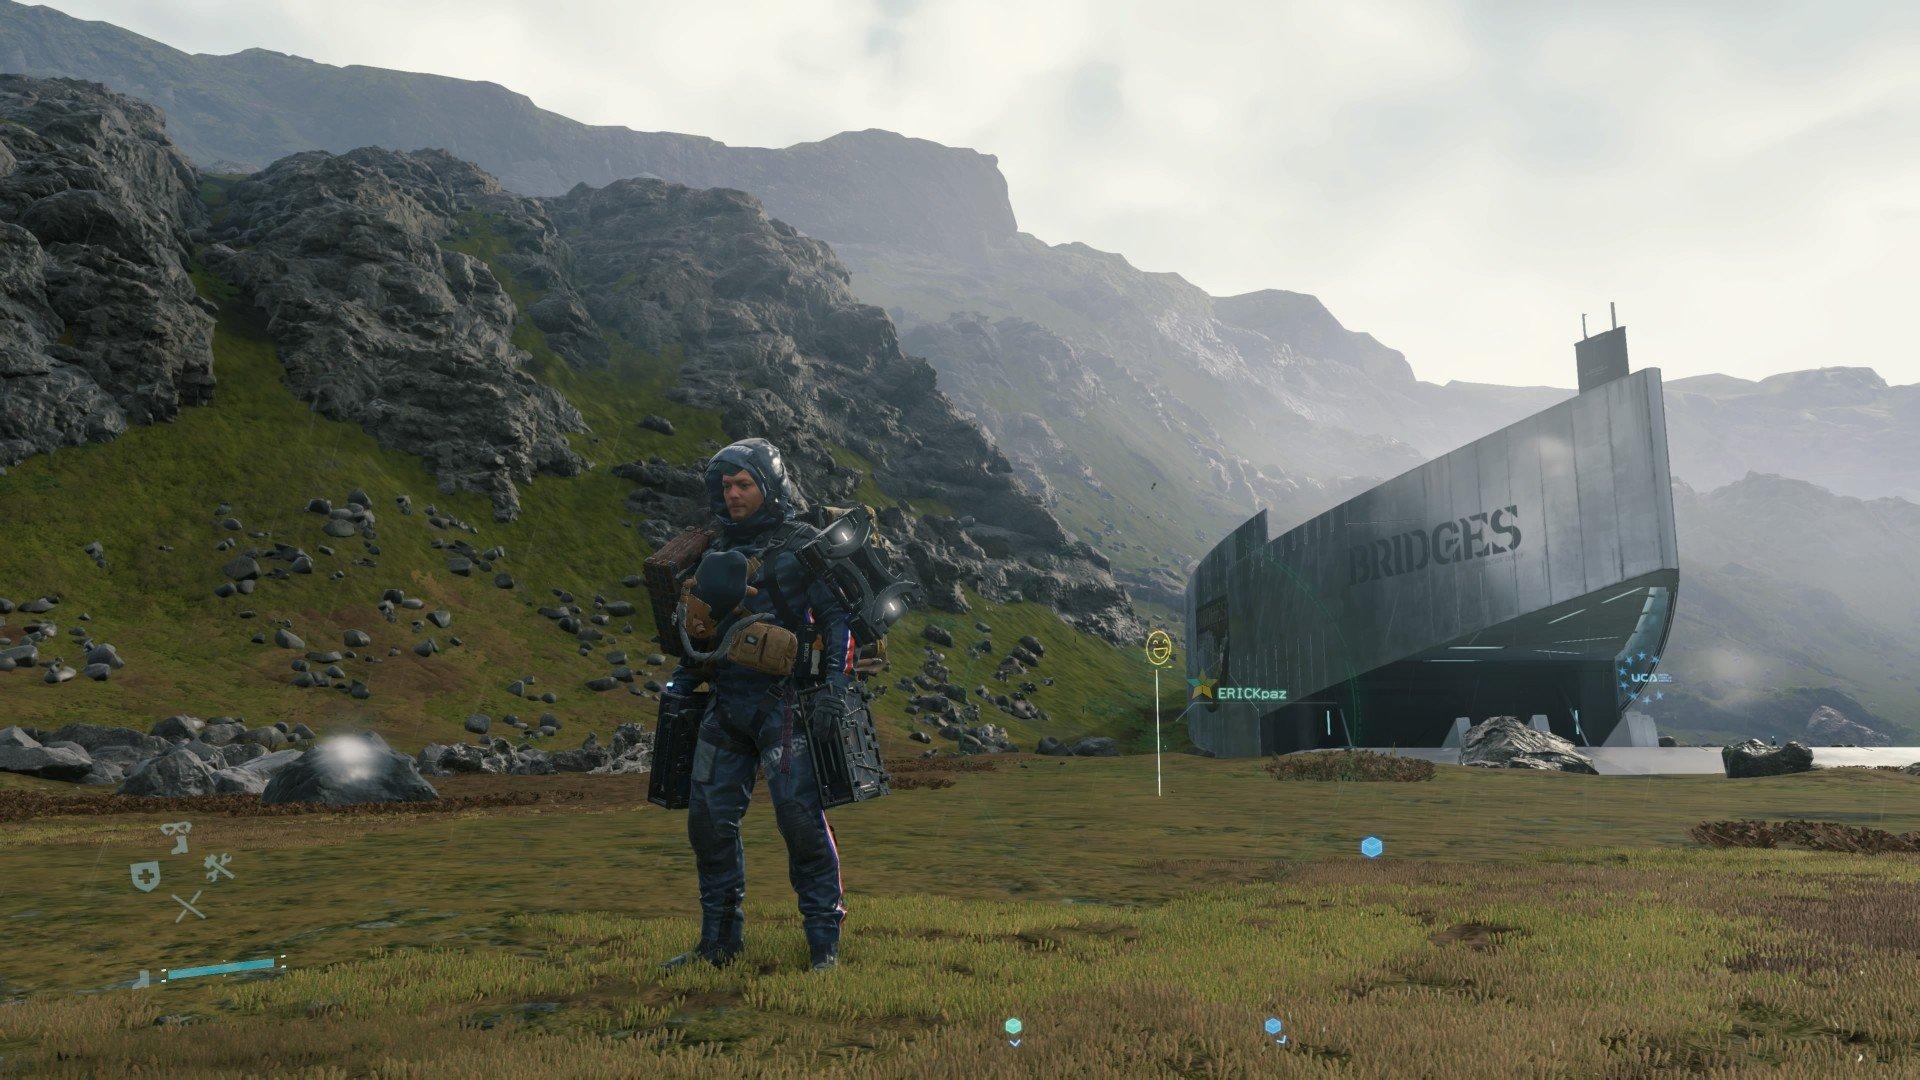 Screenshot for the game DEATH STRANDING V. 1.02 [Steam-Rip] (2020) download torrent License